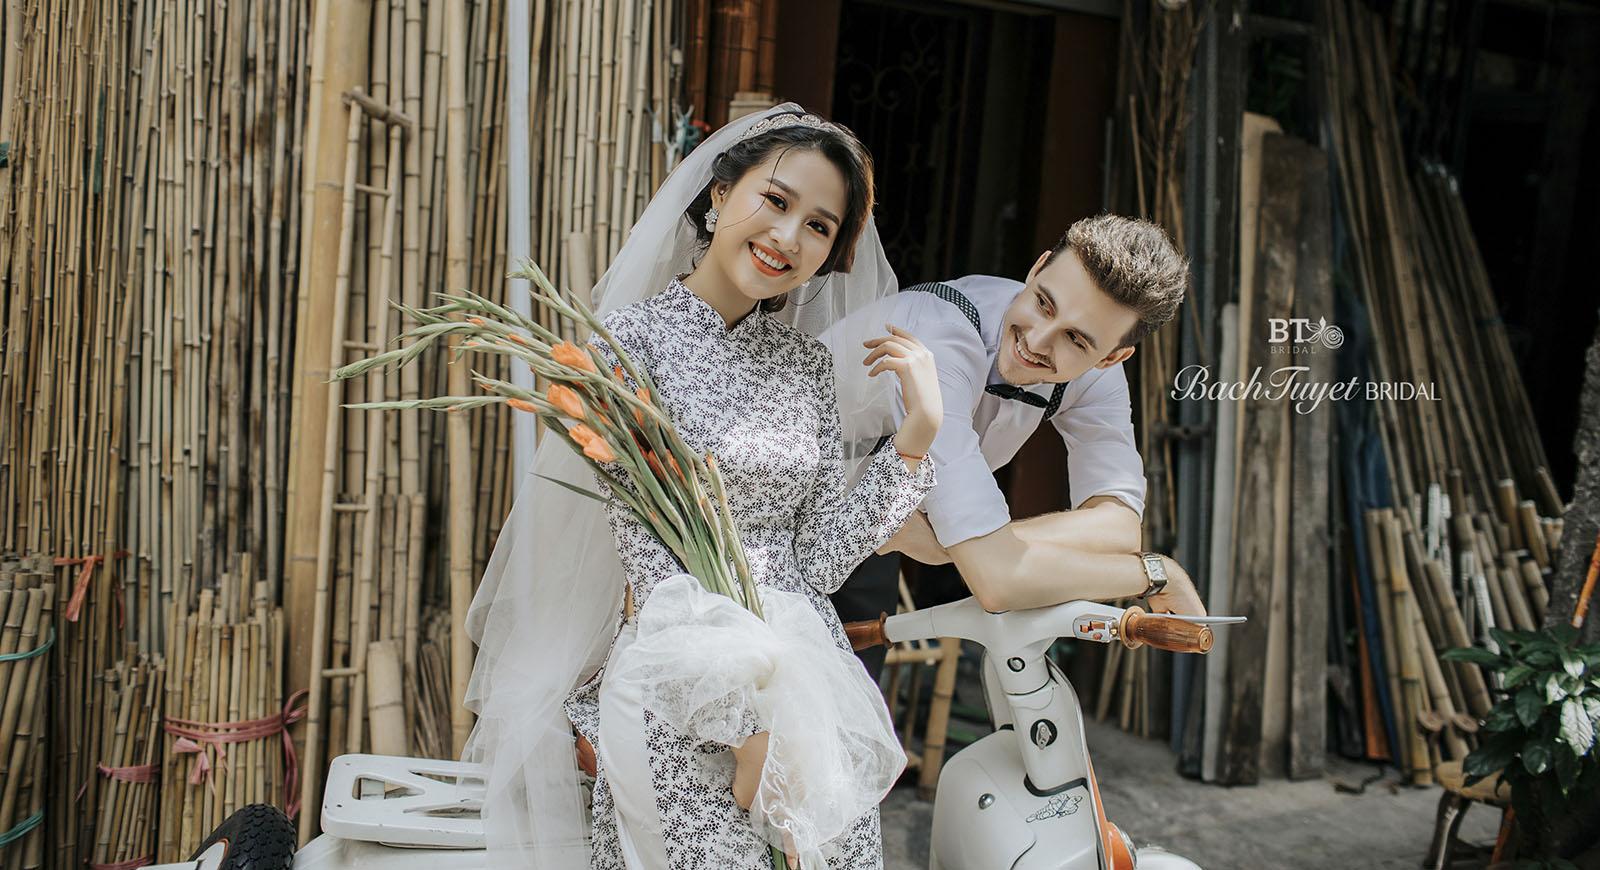 Sức hút của chụp ảnh cưới phố cổ